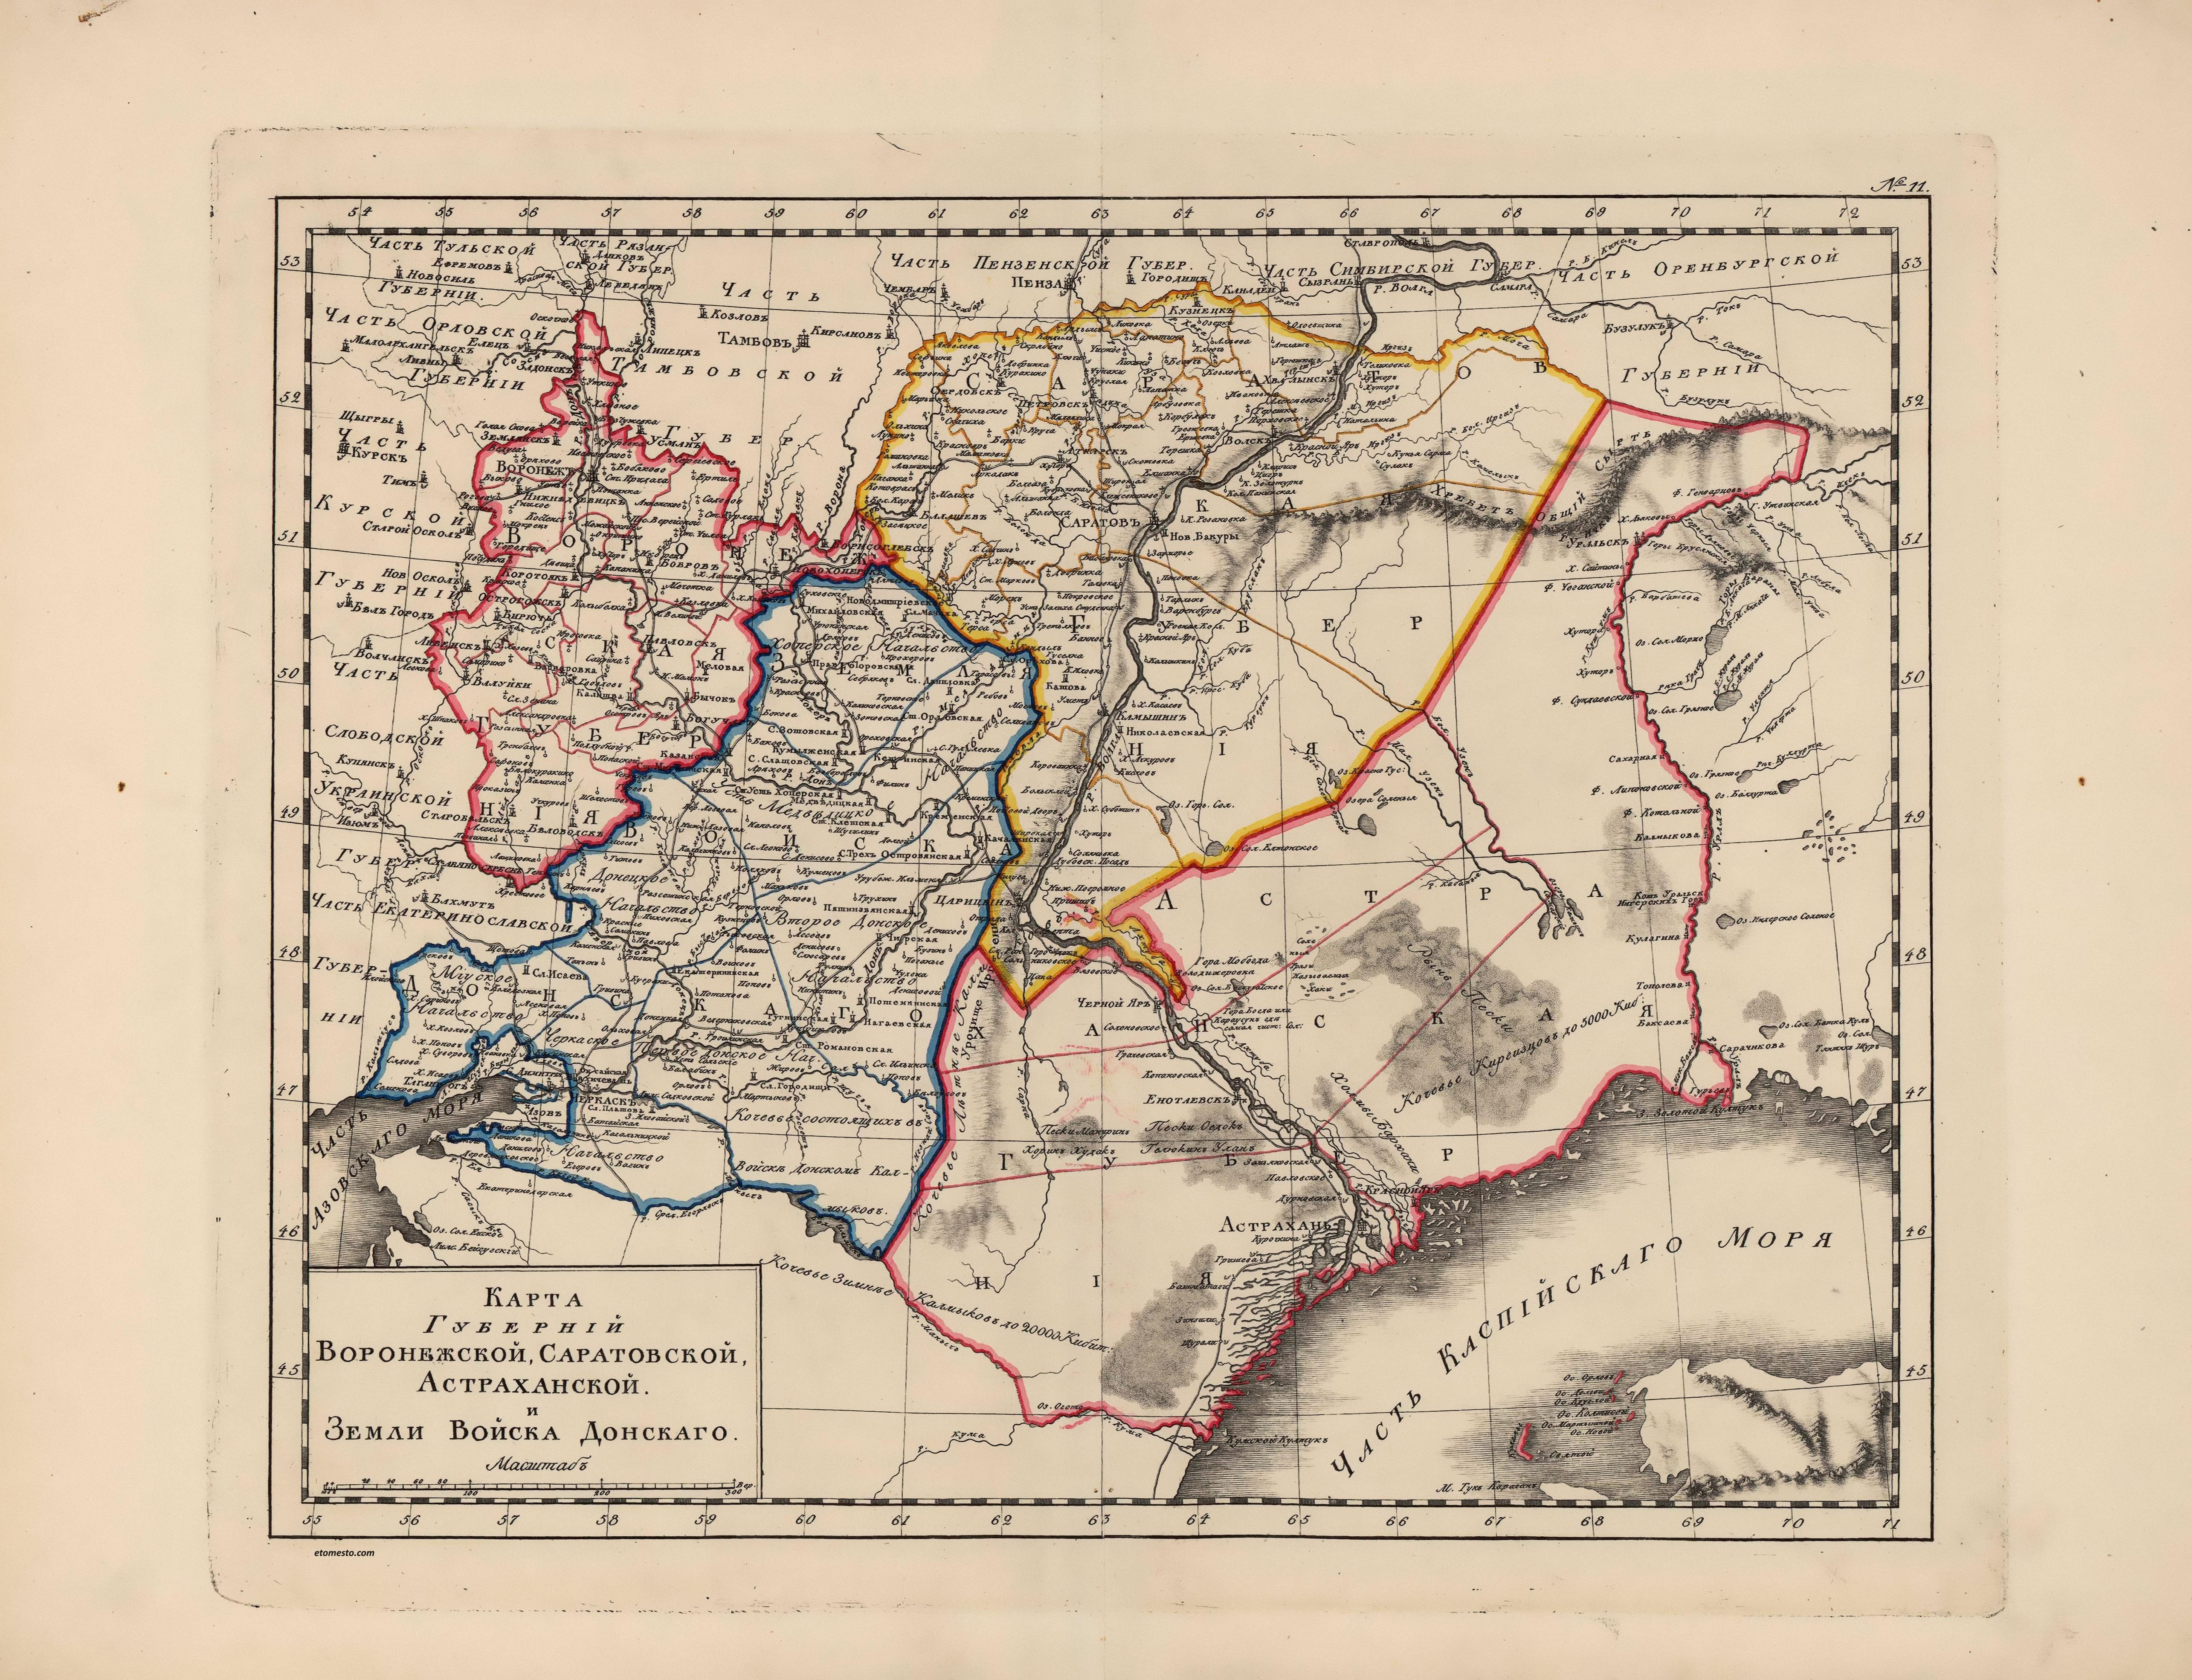 Карта шуберта лист xxxviii